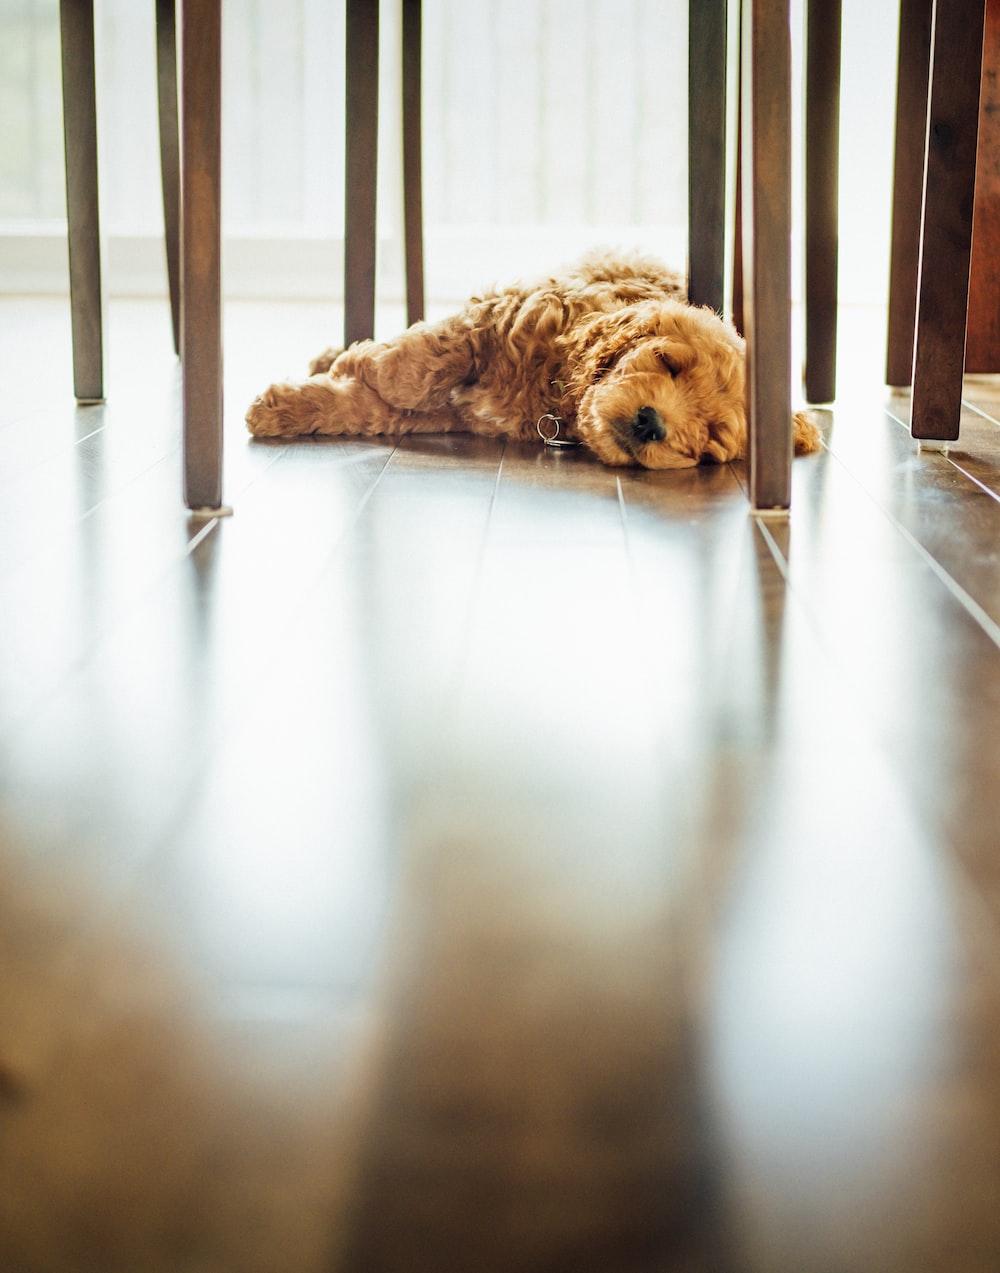 brown long-coat dog lying on floor inside well lit room